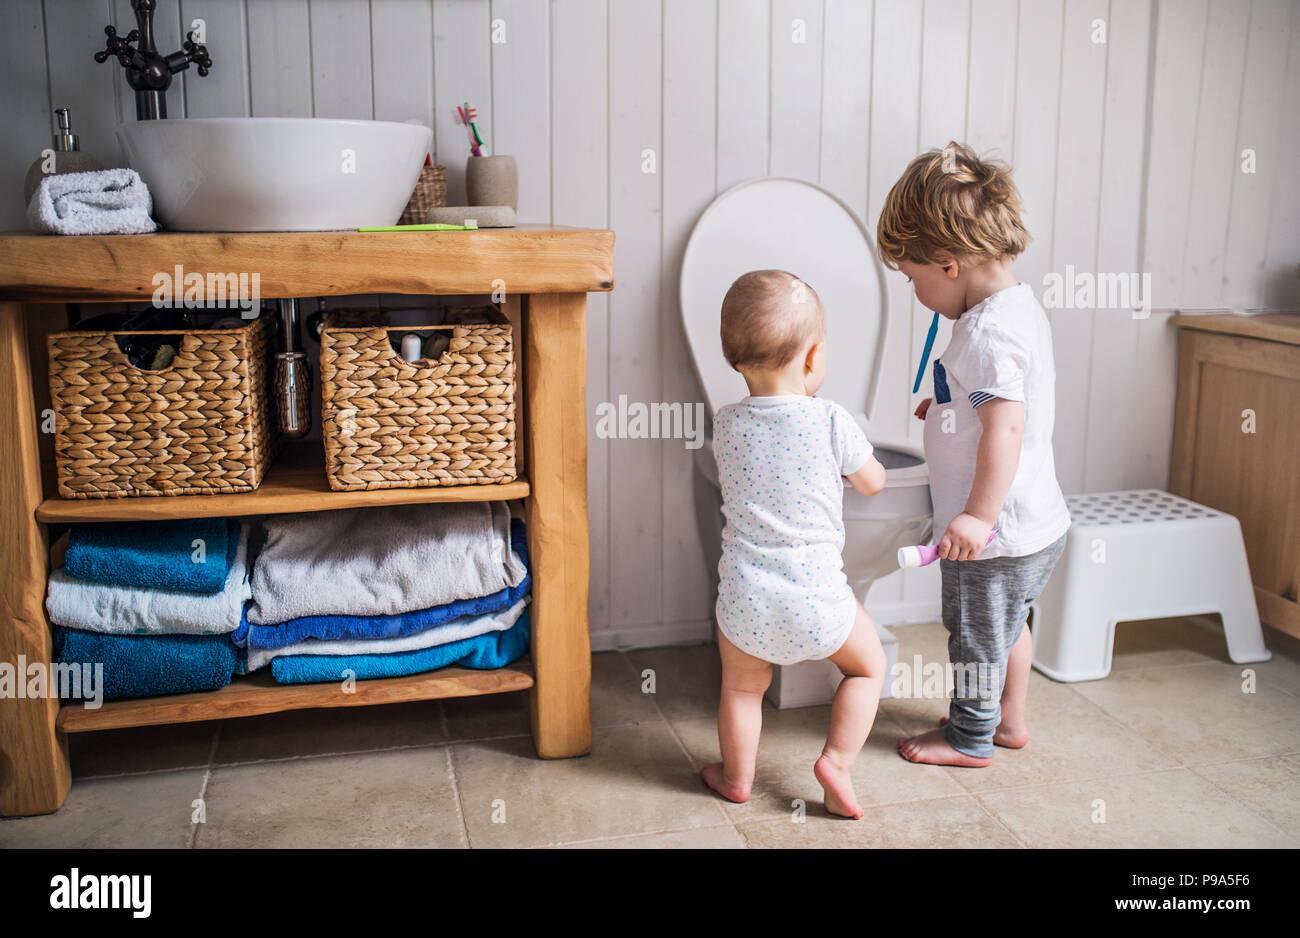 Toilette Da Bagno : Due bambini bimbi con uno spazzolino da denti in piedi da toilette